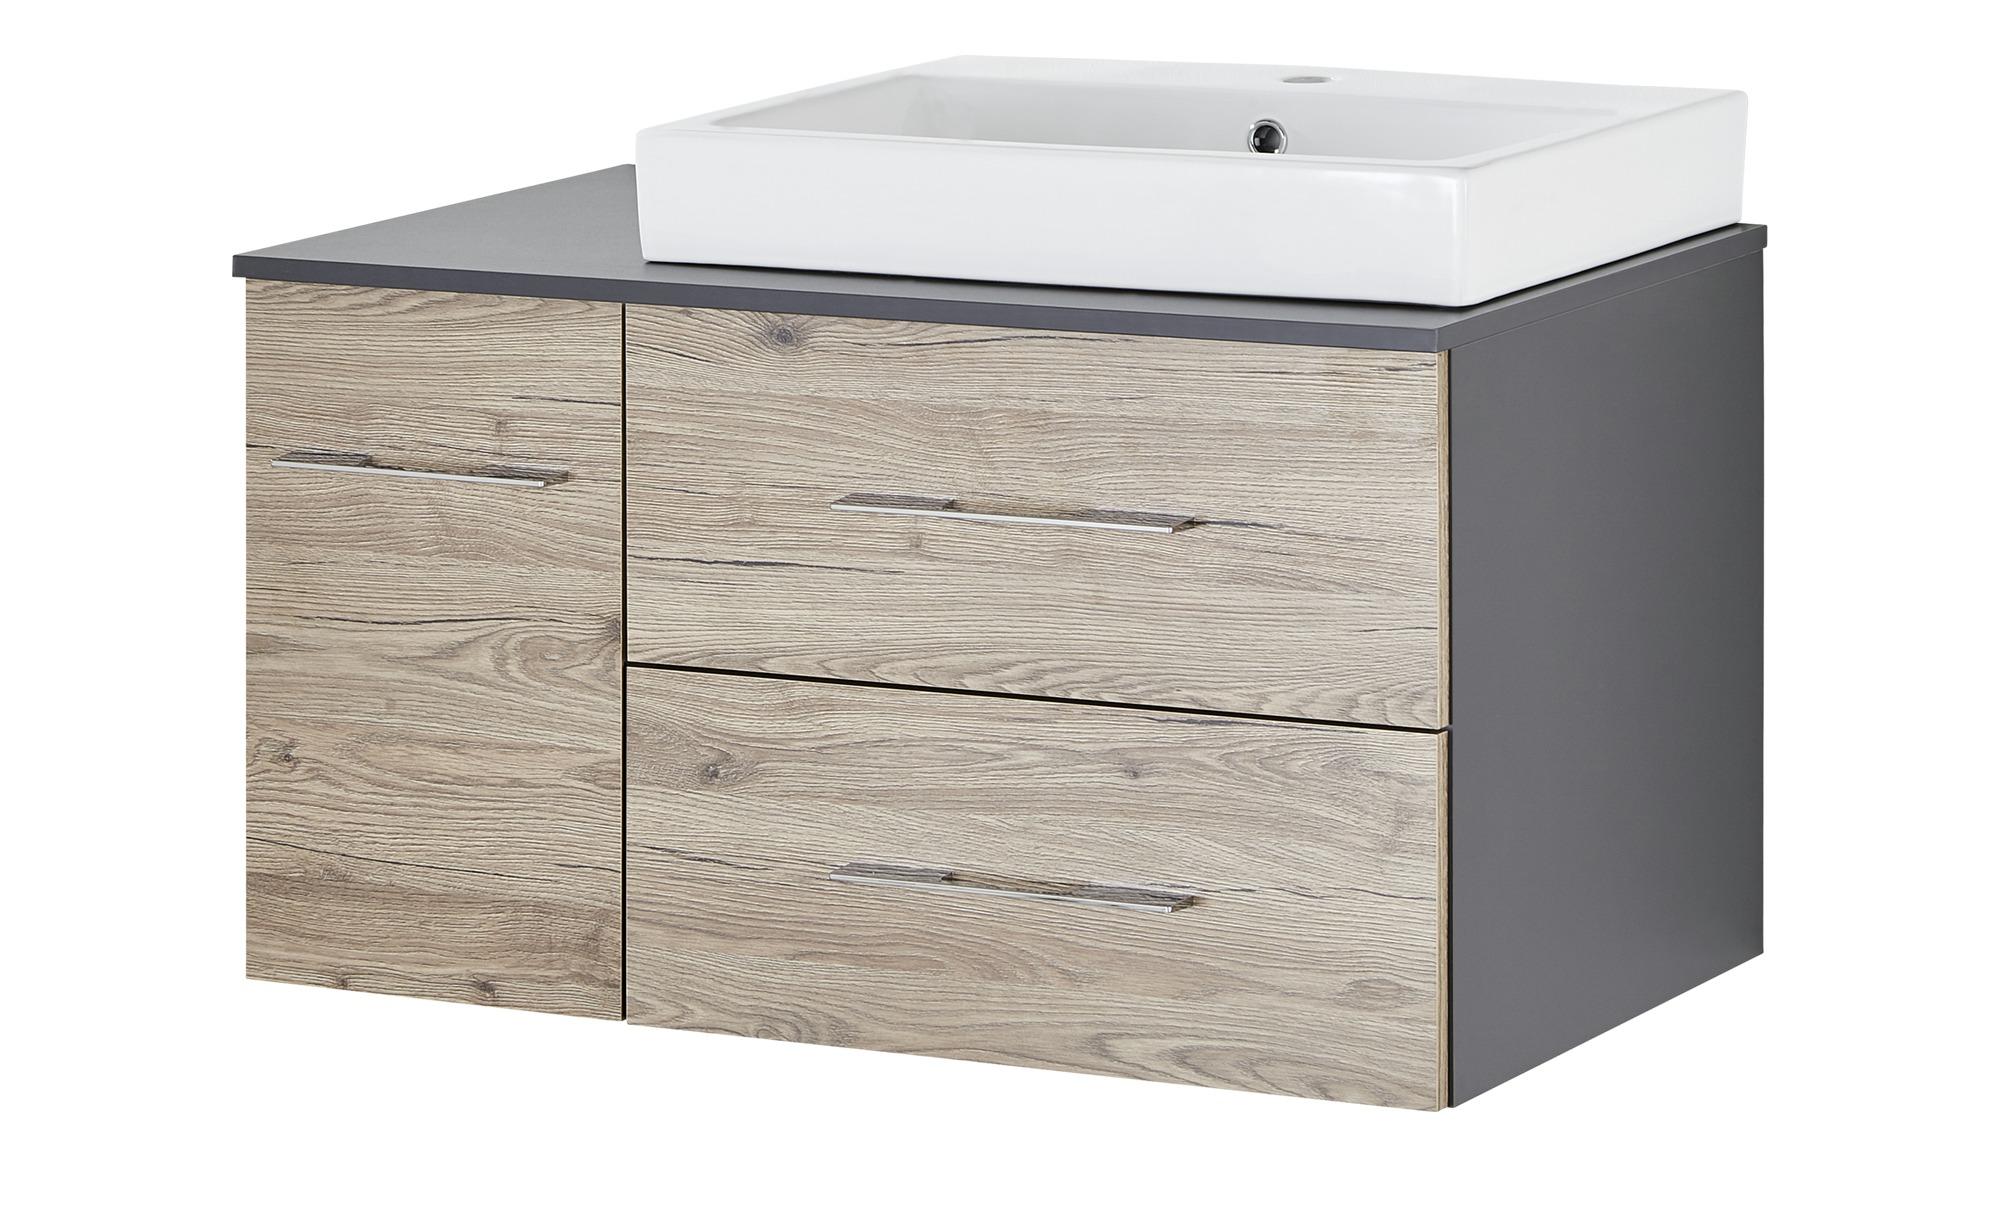 Waschtischkombination Eibsee ¦ holzfarben ¦ Maße (cm): B: 90 H: 60 T: 49,5  Schränke > Badschränke > Waschbecken-unterschränke - Höffner